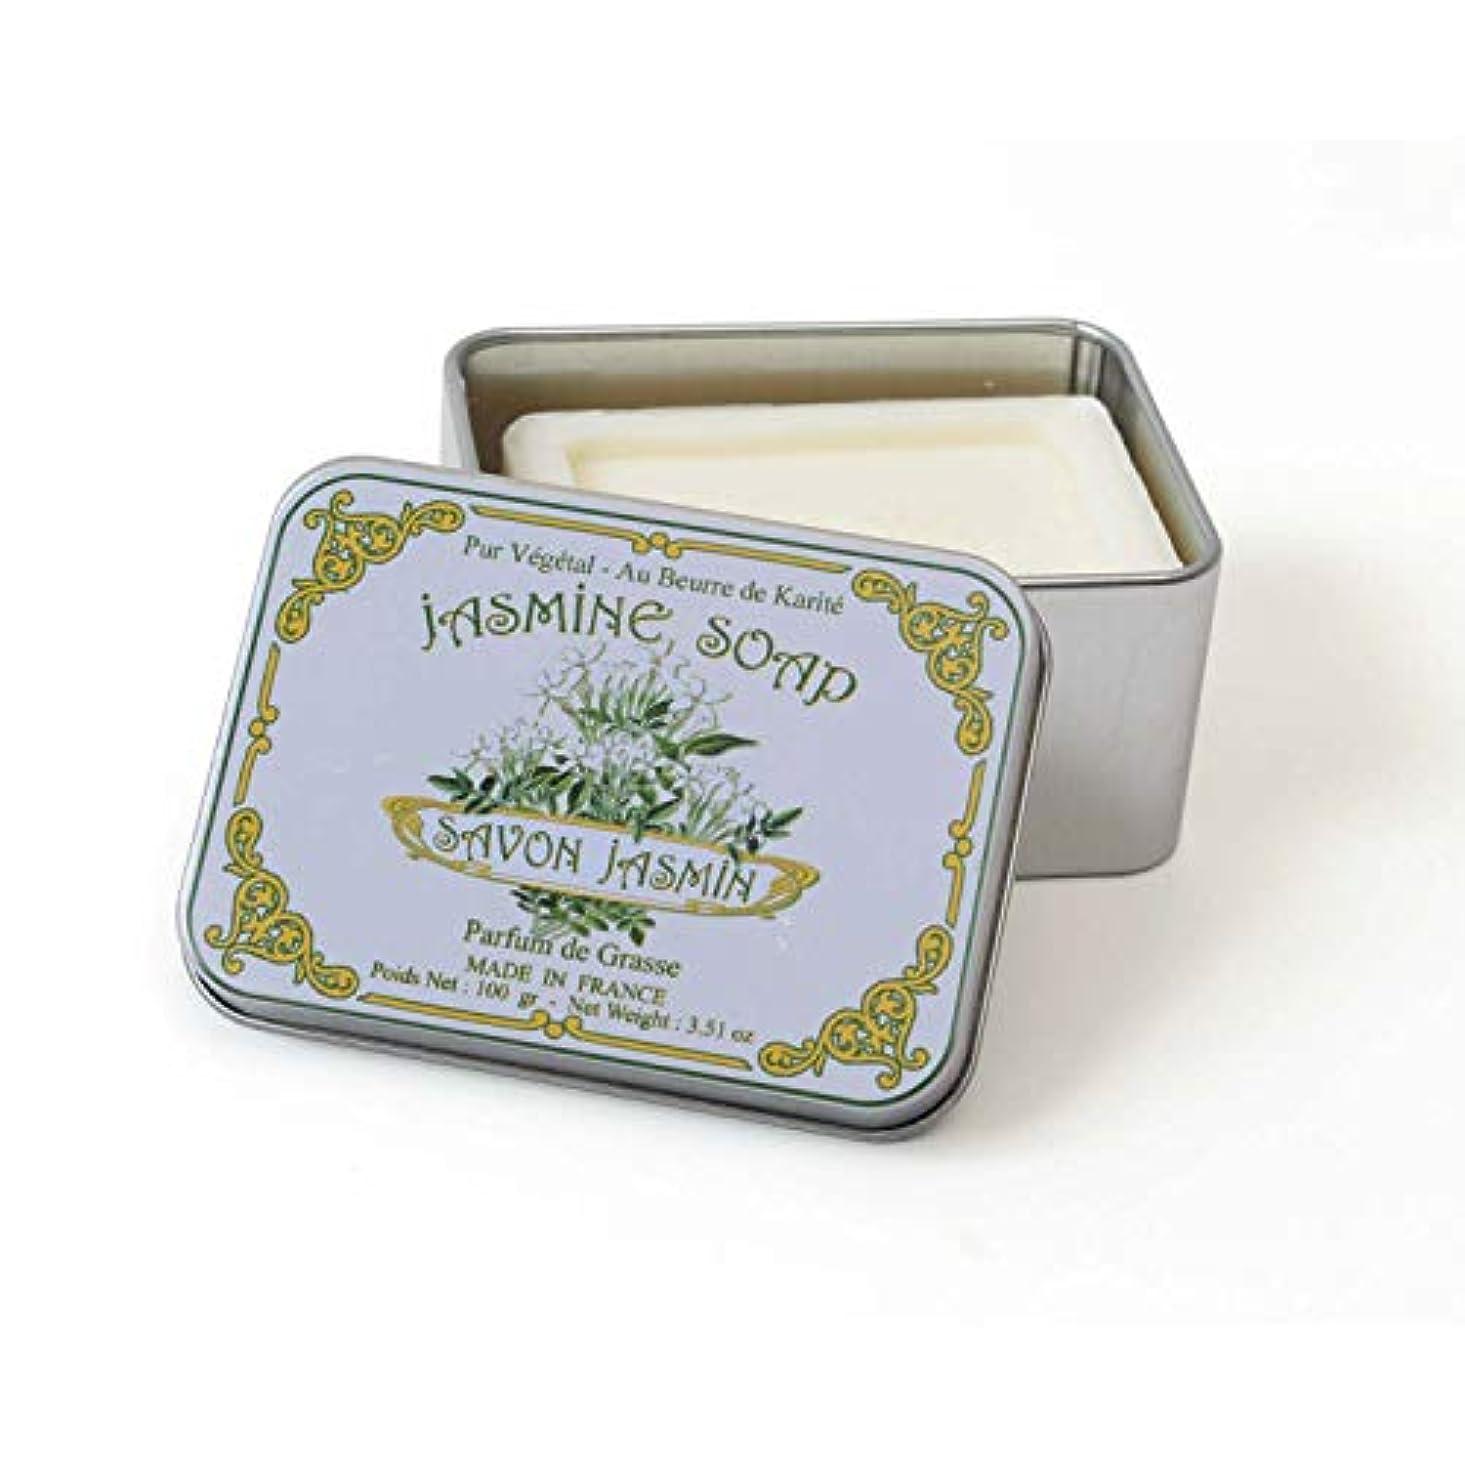 適性クロスダンプLe Blanc ルブランソープ ジャ スミンの香り